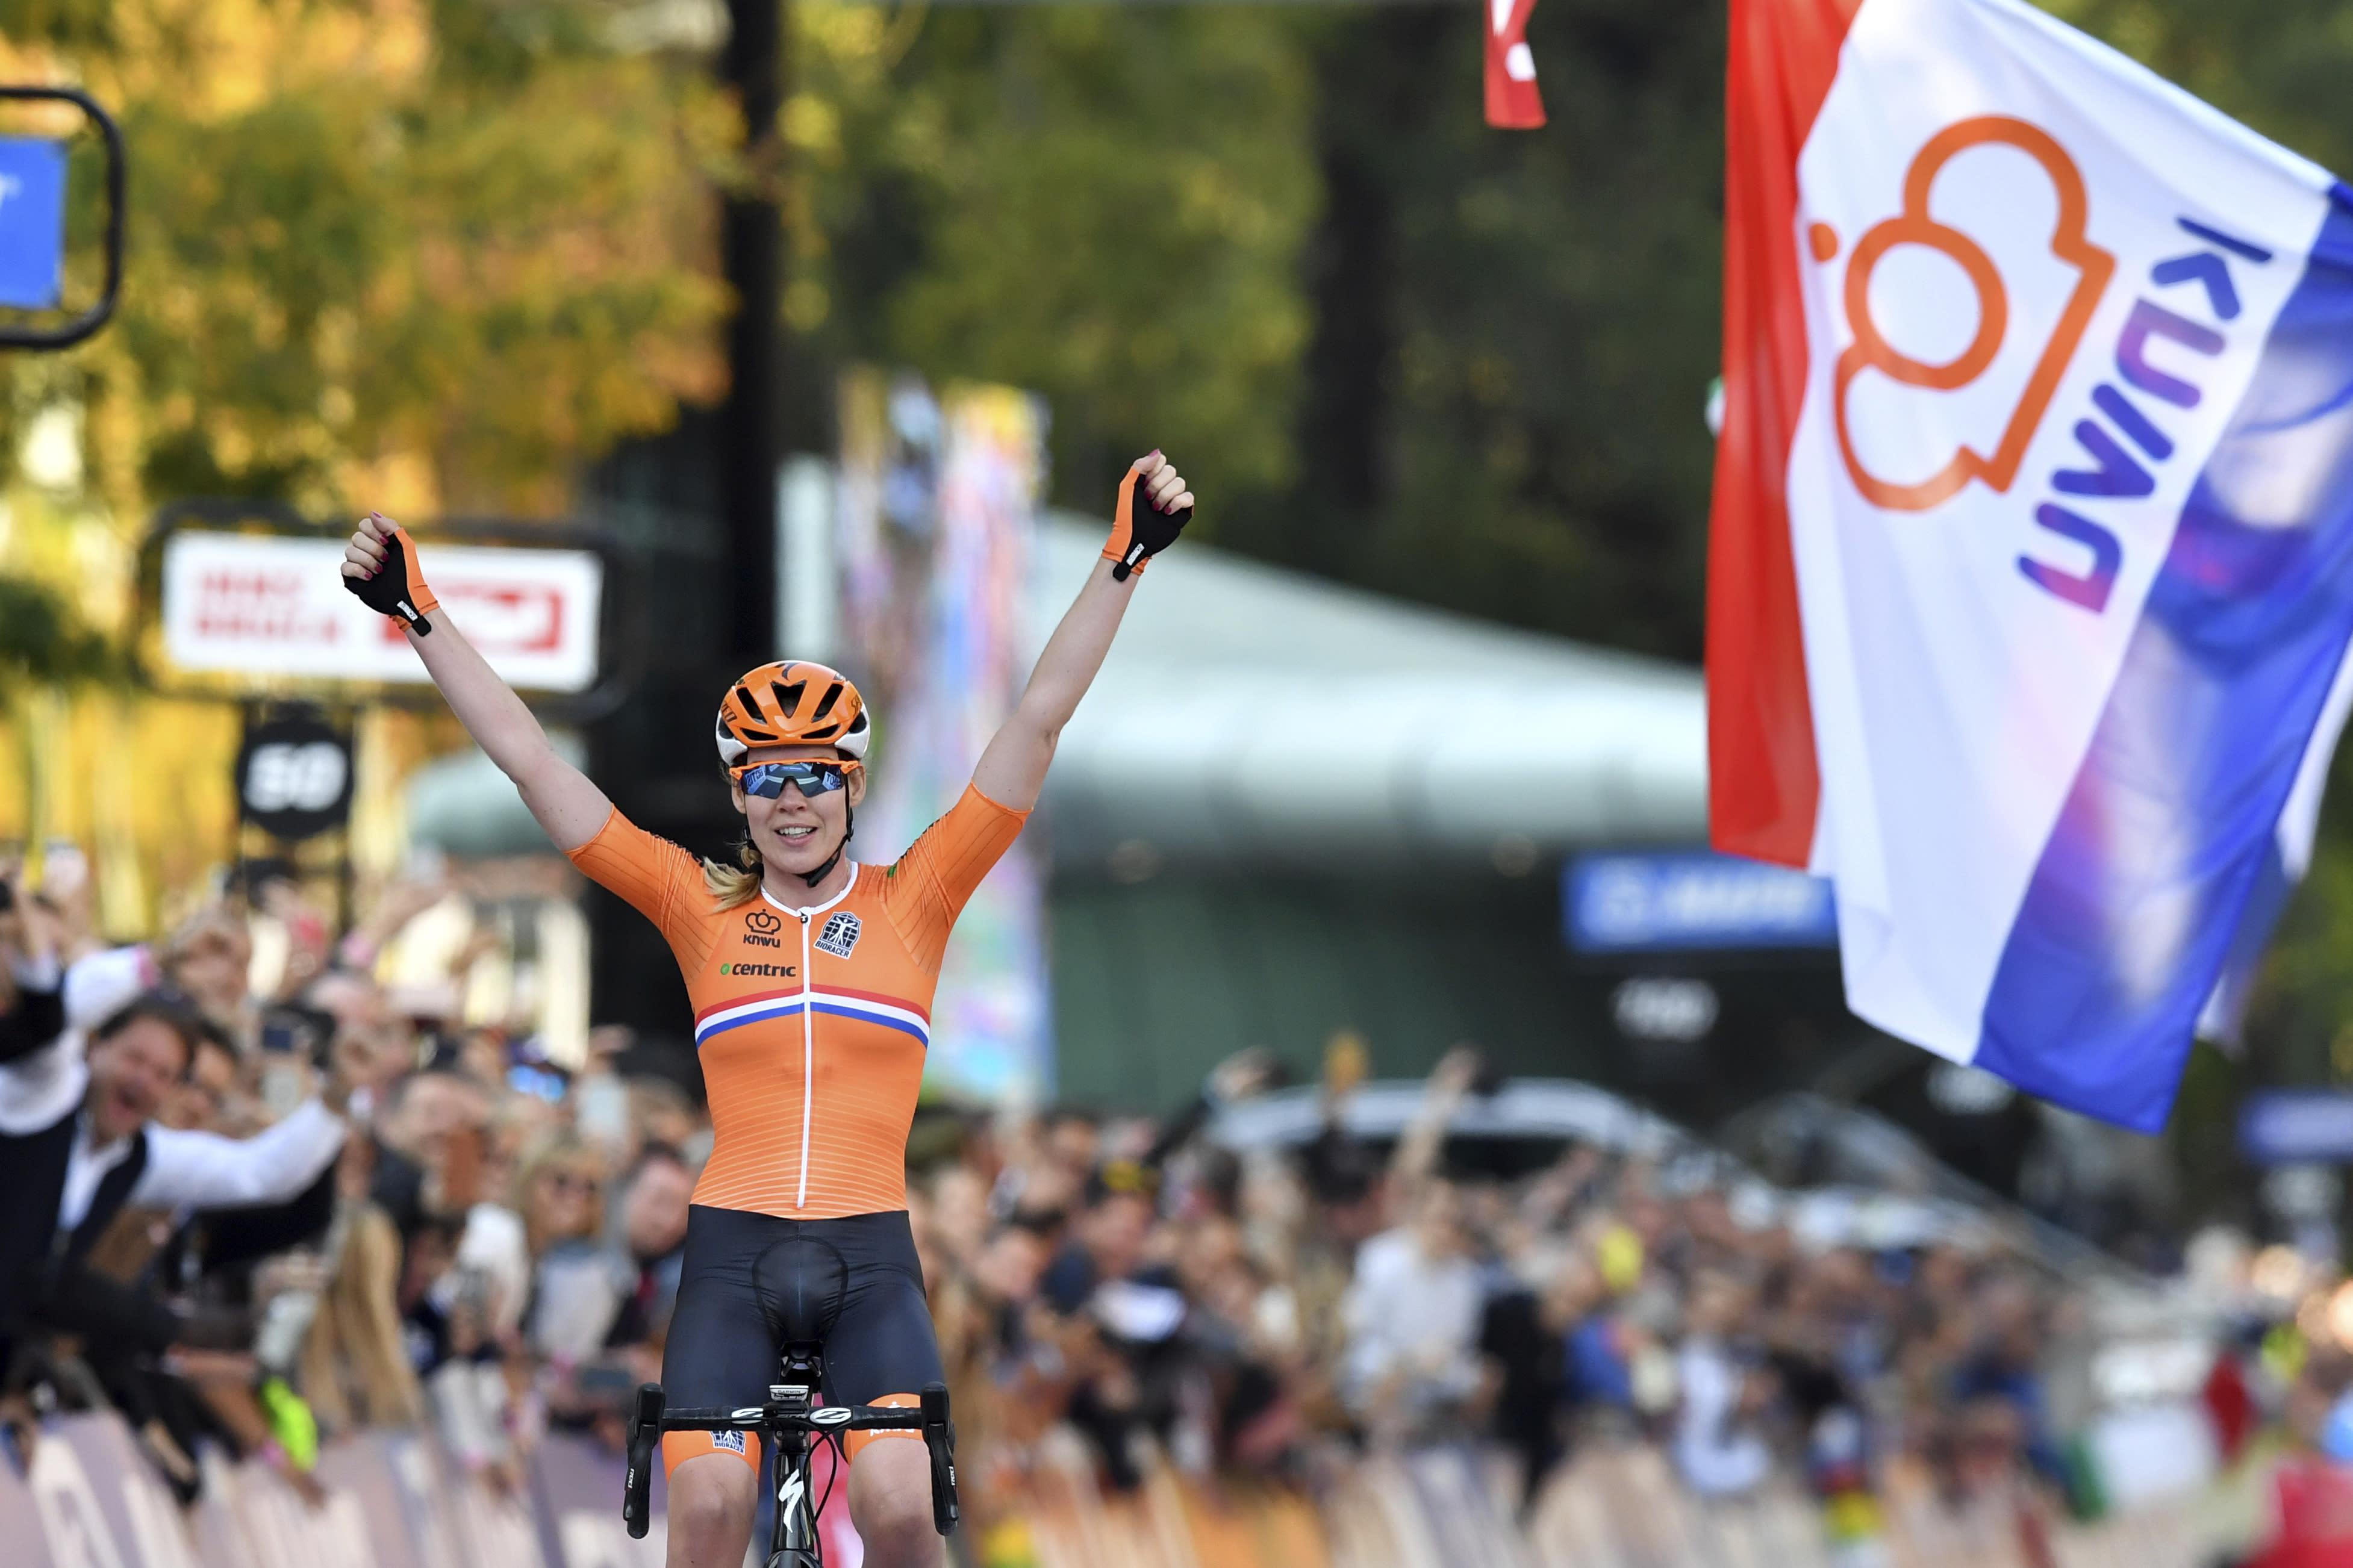 Anna van der Breggen takes world title after 40K solo ride